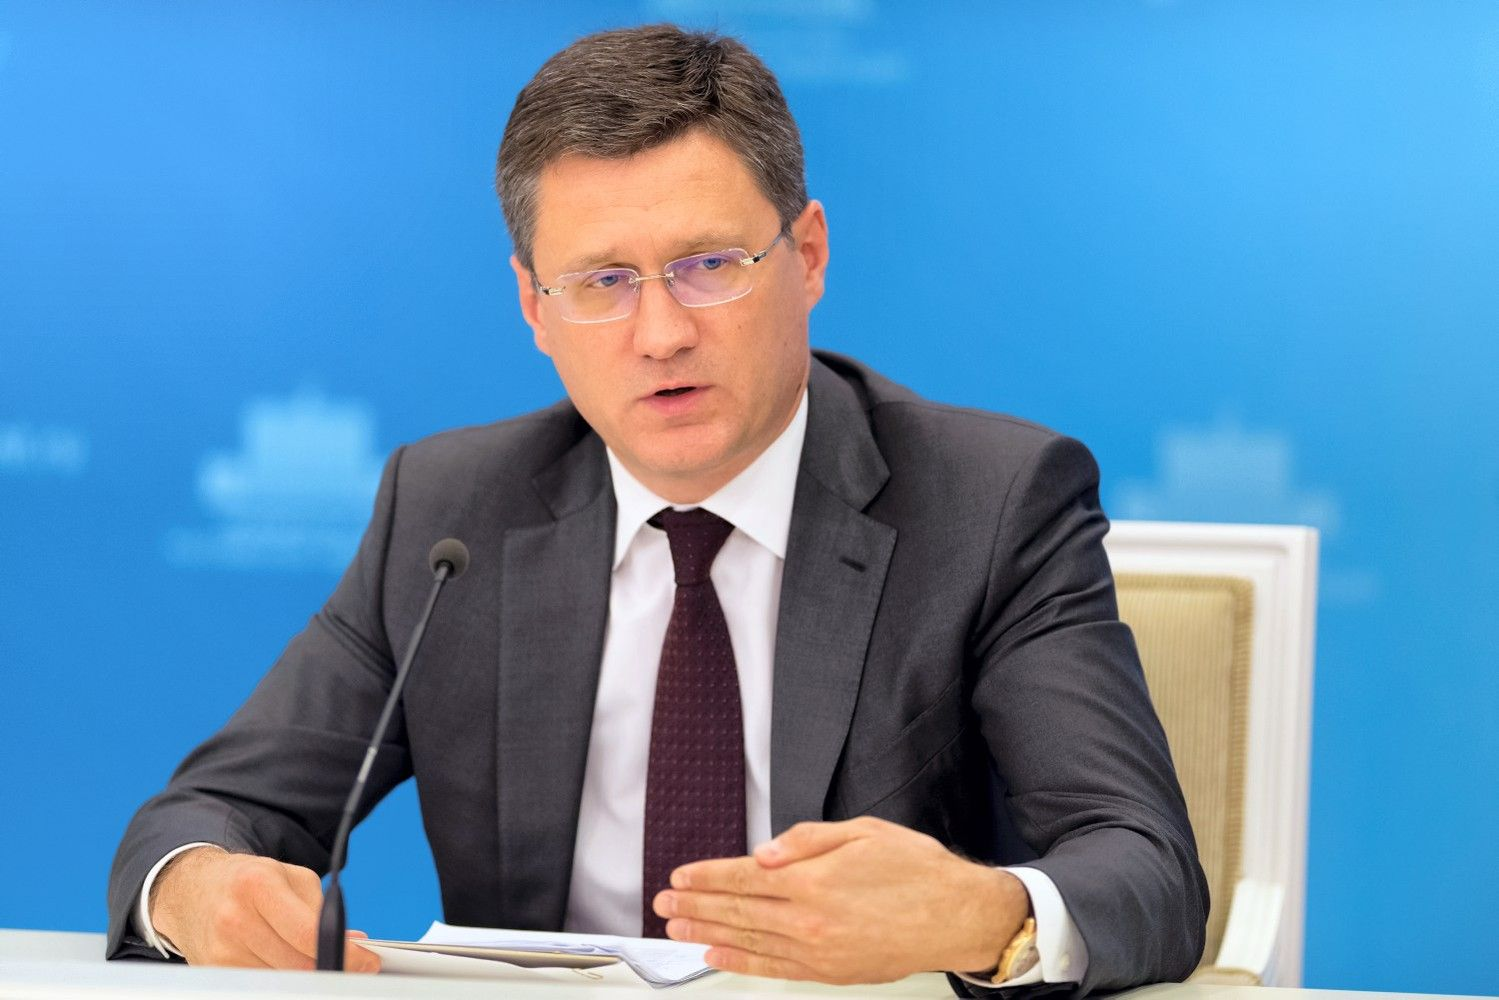 Įvardijo, kokia dalis naftos gavybos padidėjimo teks Rusijai